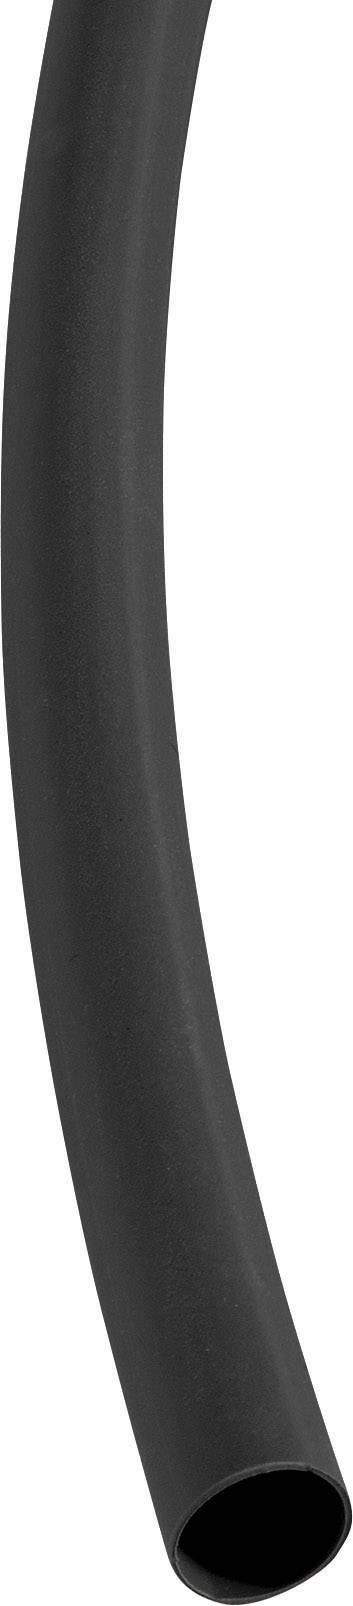 Zmršťovacia bužírka 9/3 mm, čierna